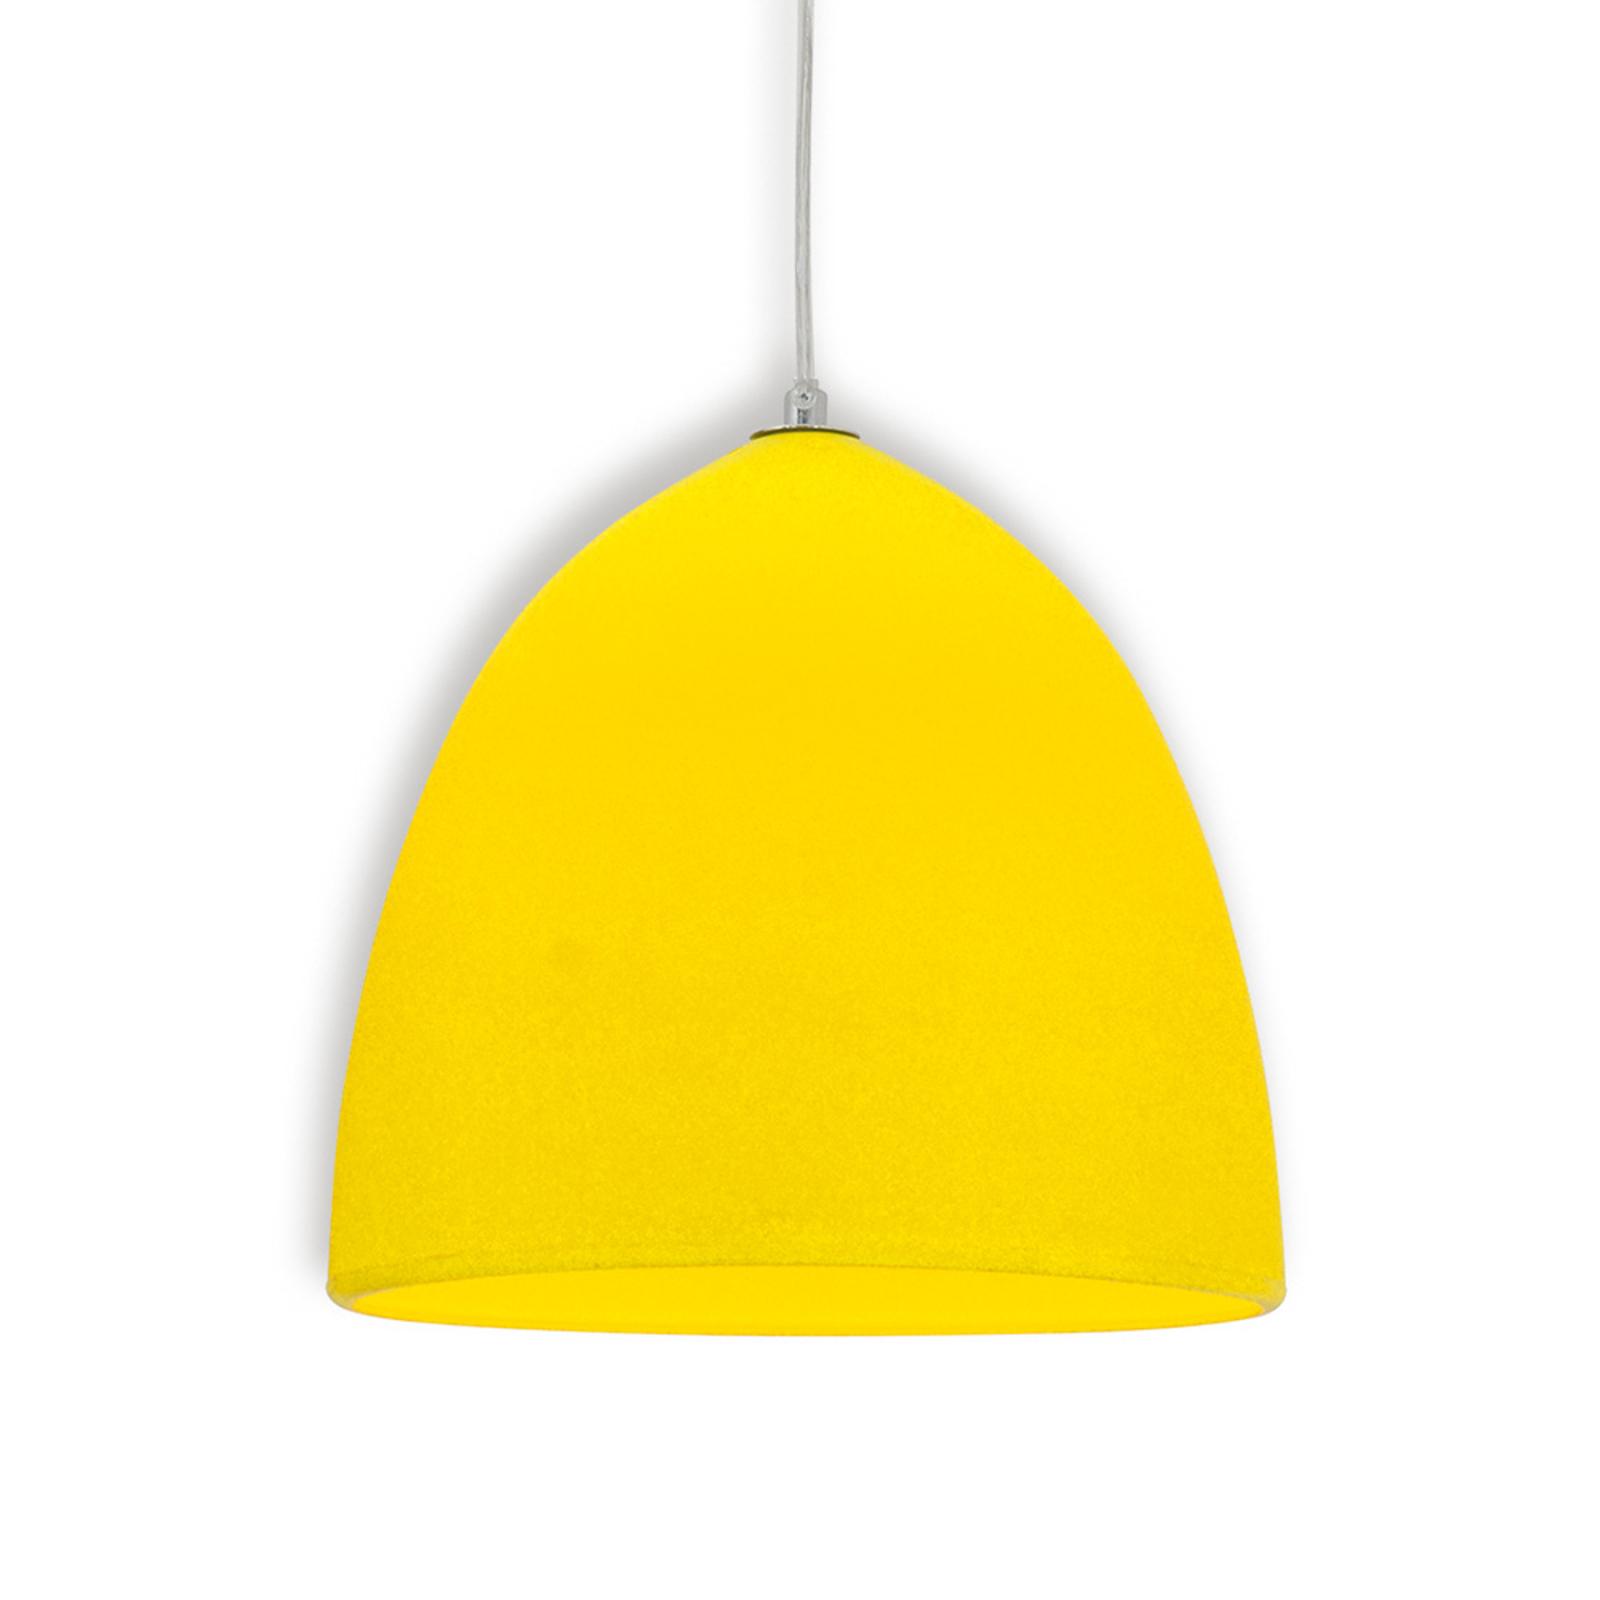 Suspension en silicone Fancy, jaune